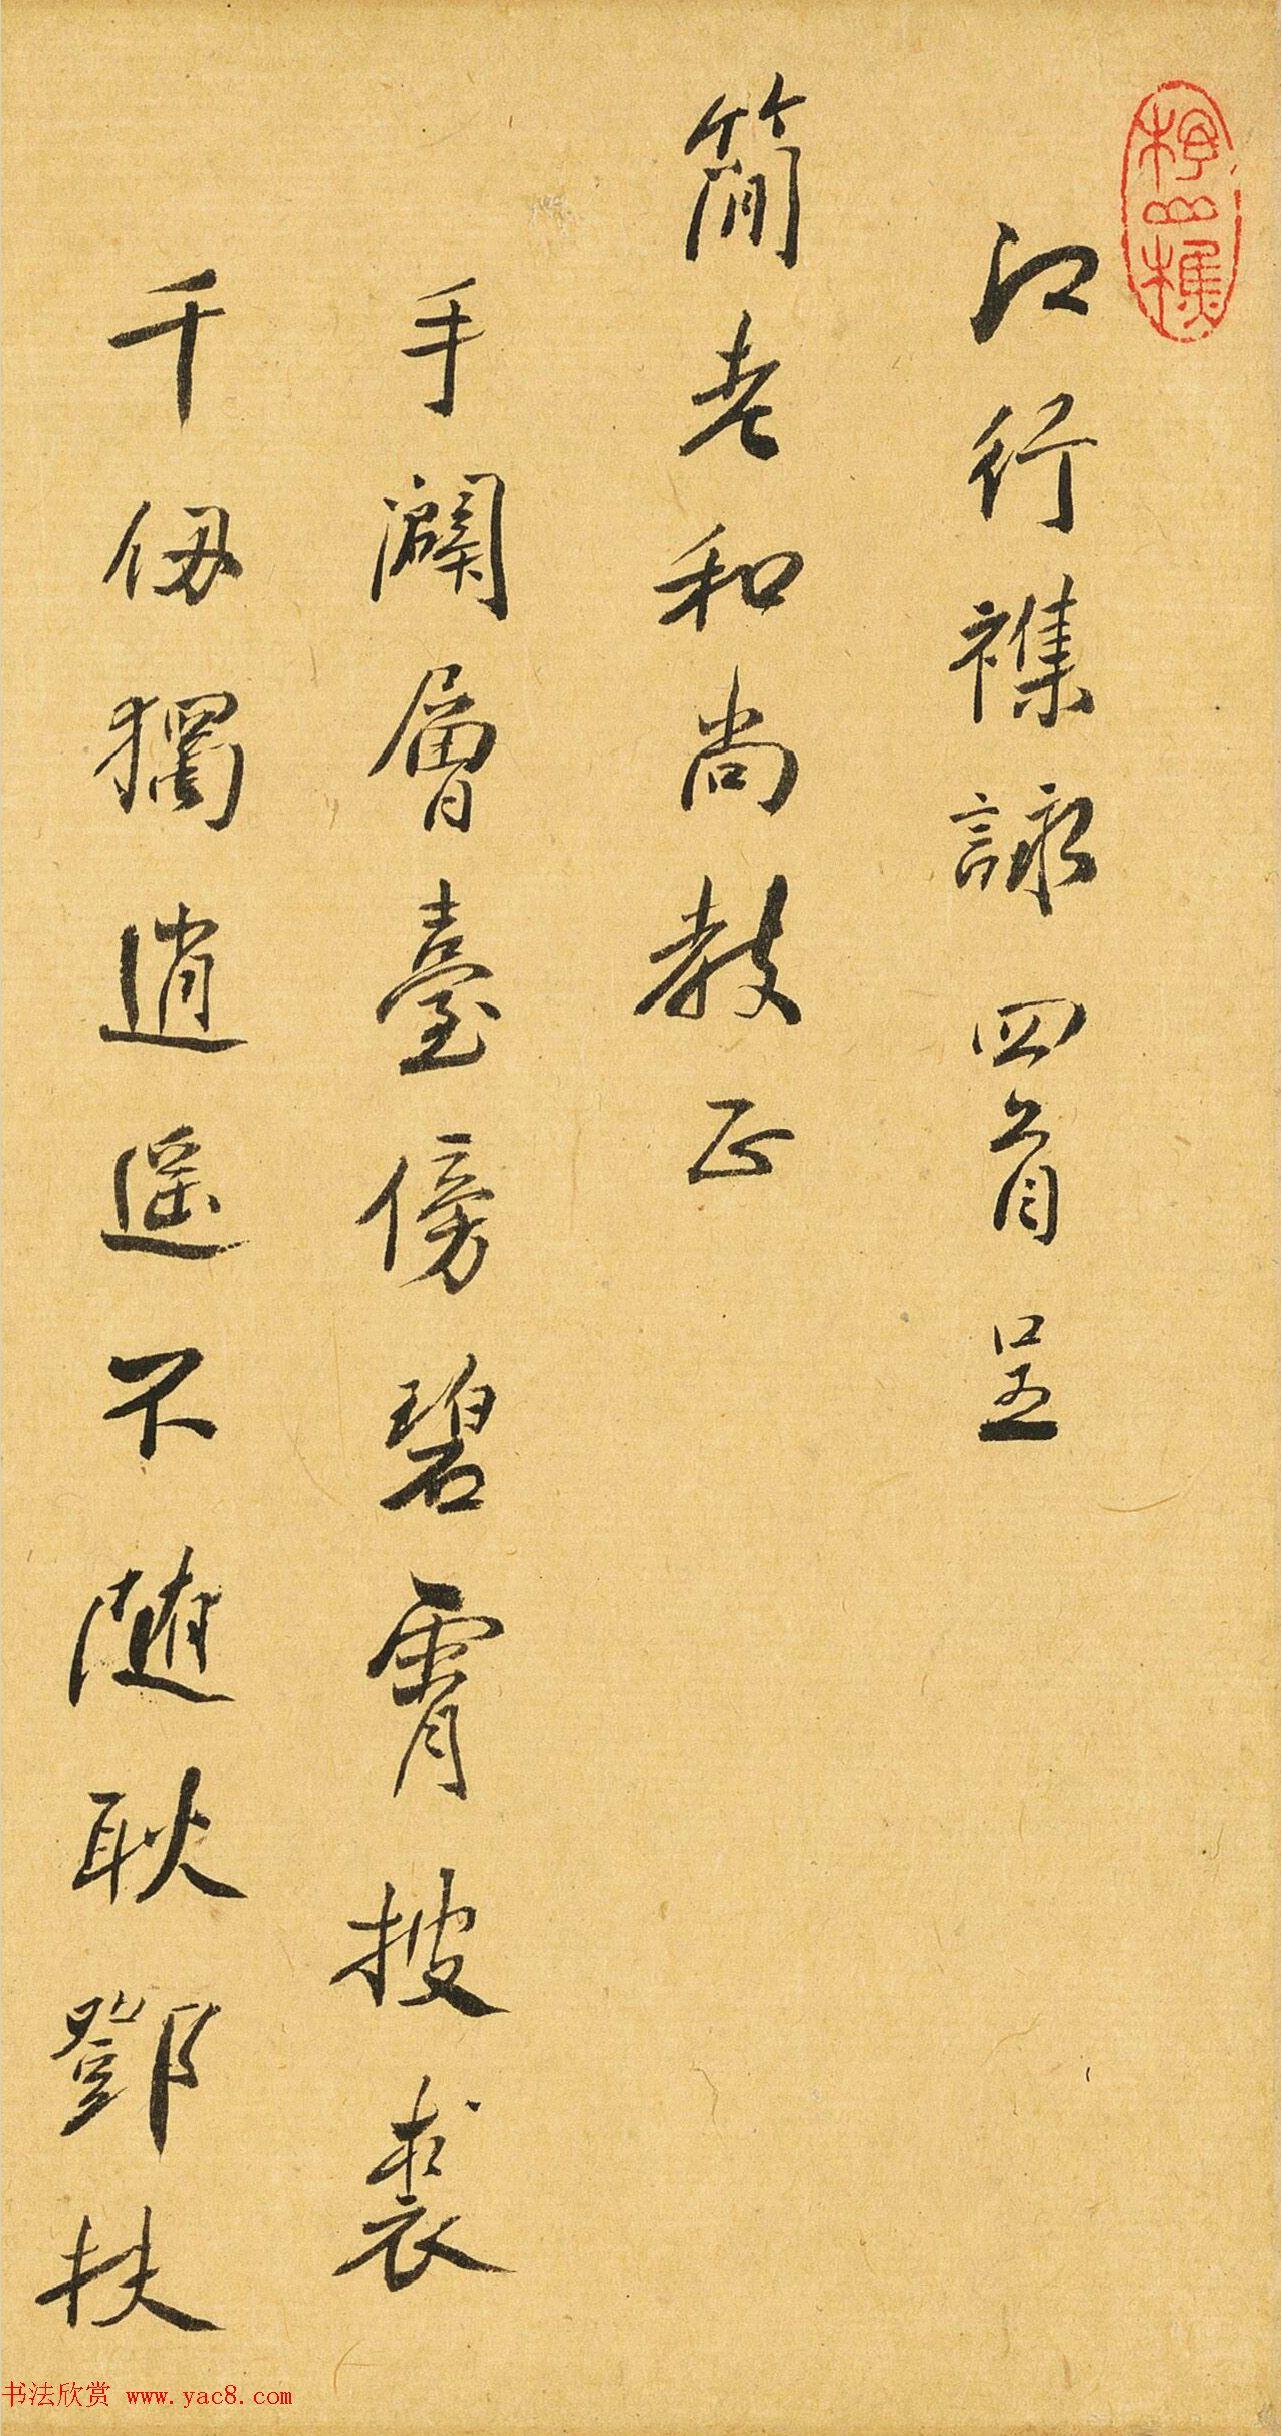 清代画家黄子锡书法《江行杂咏》